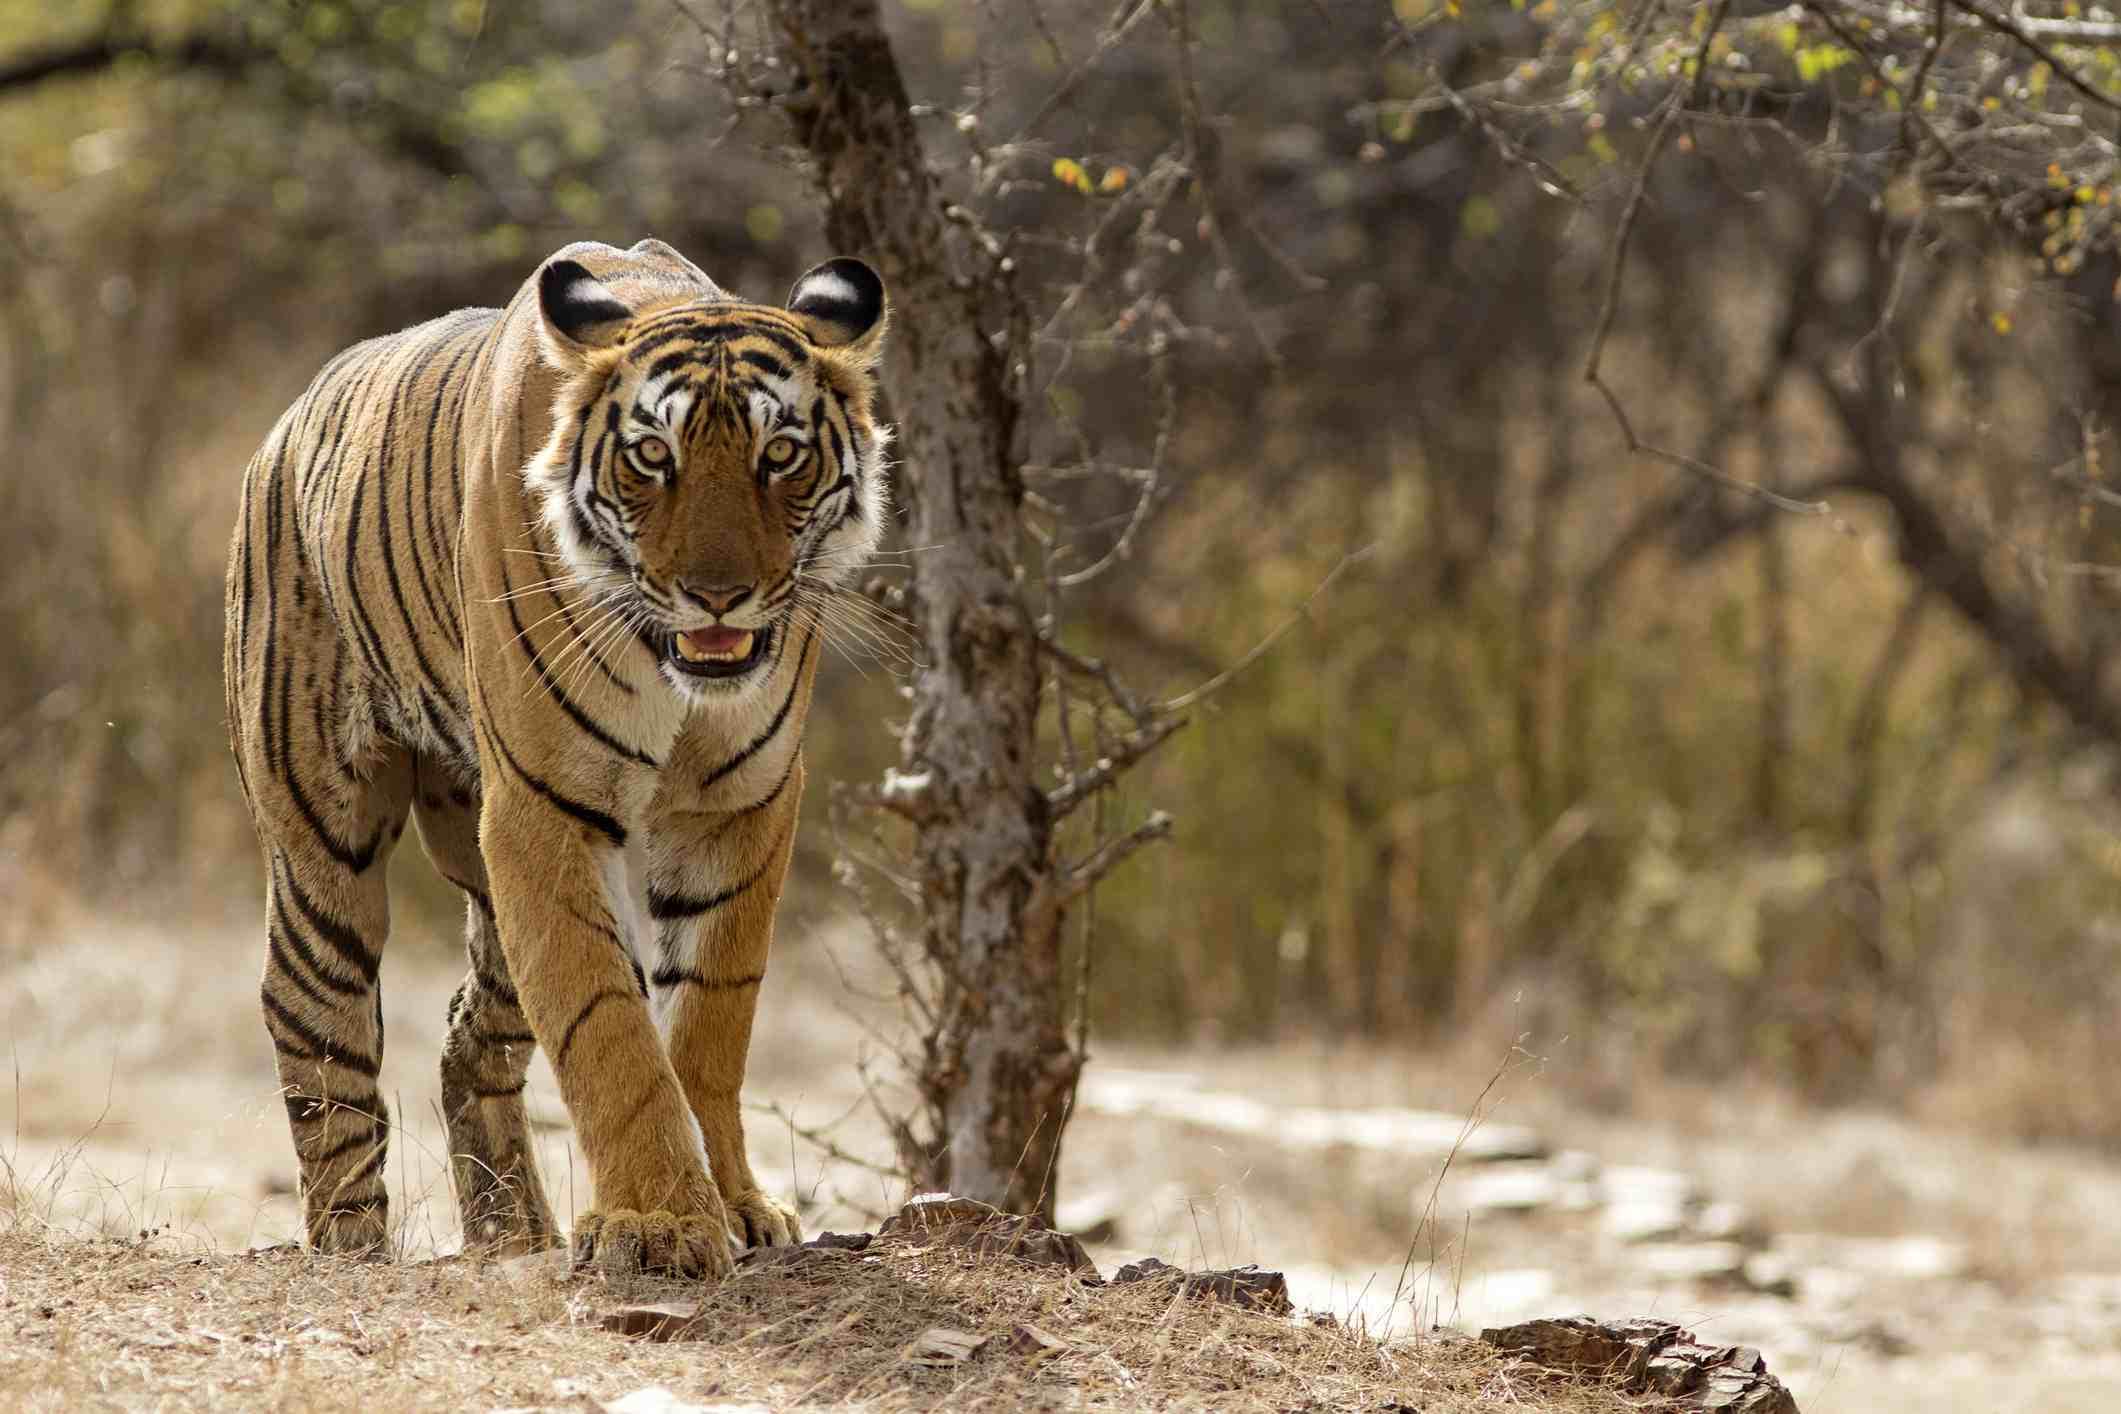 Bengal Tiger at Ranthambhore National Park in Rajasthan, India